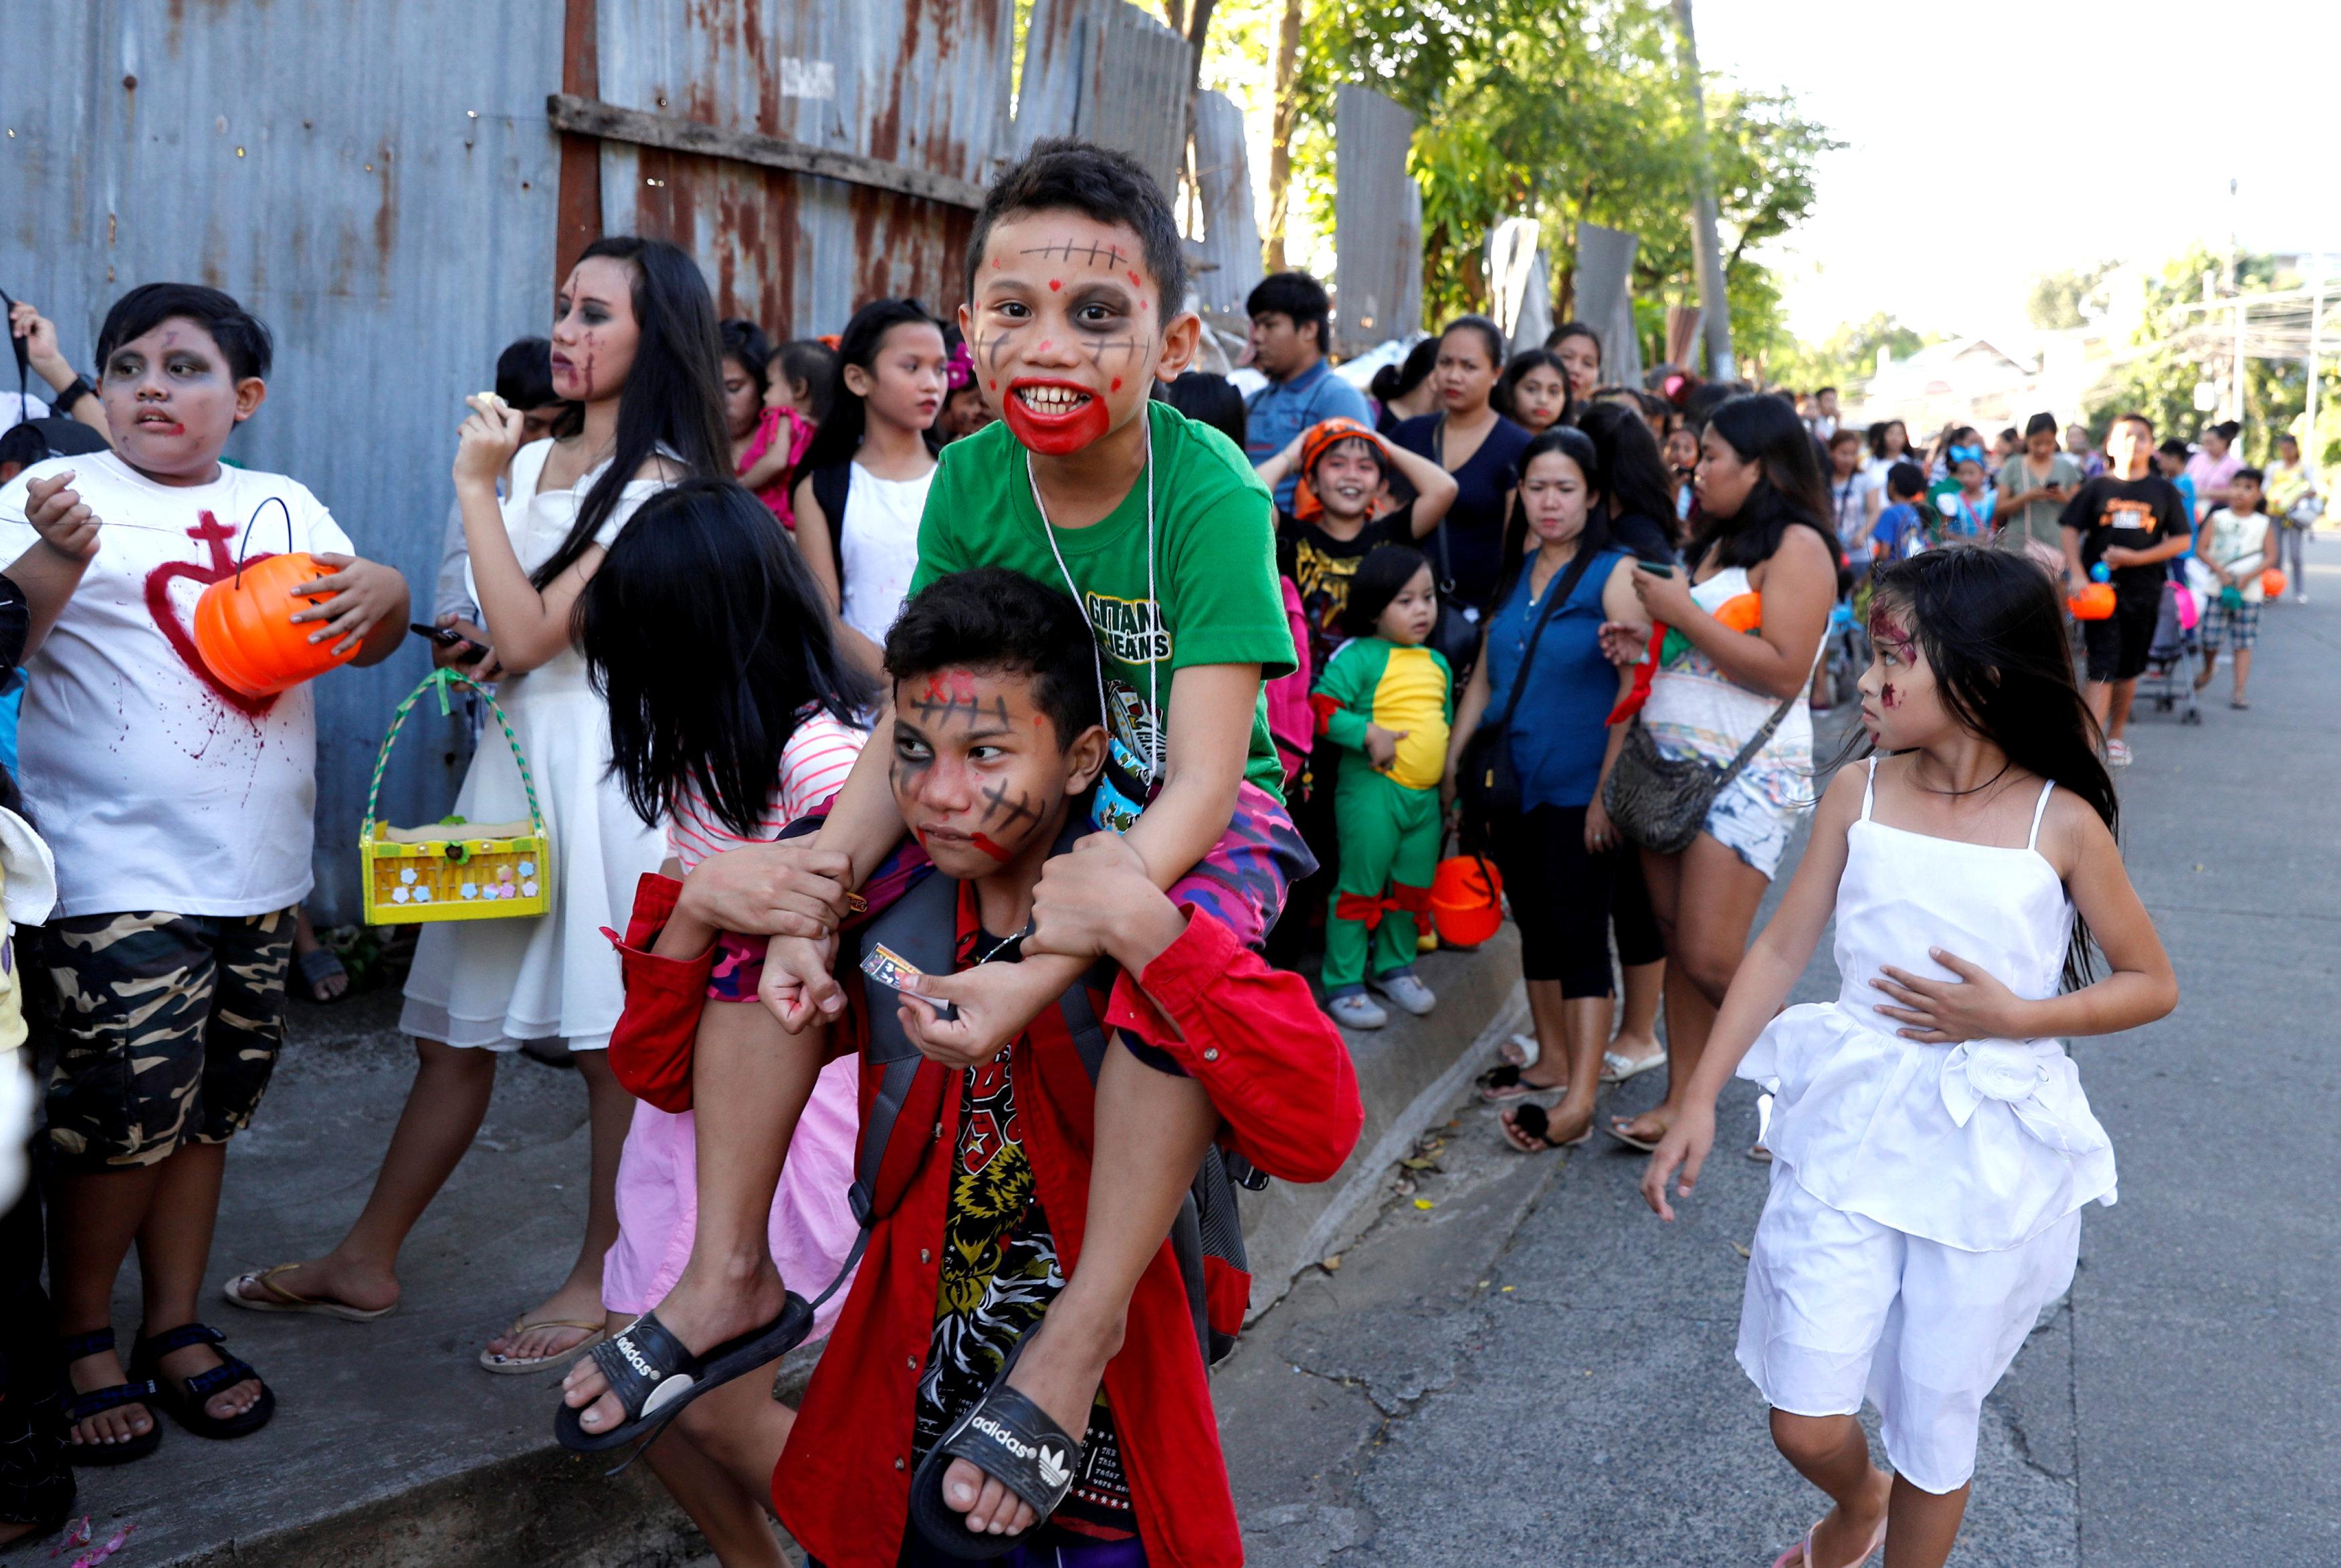 جانب من الاحتفالات فى الفلبين